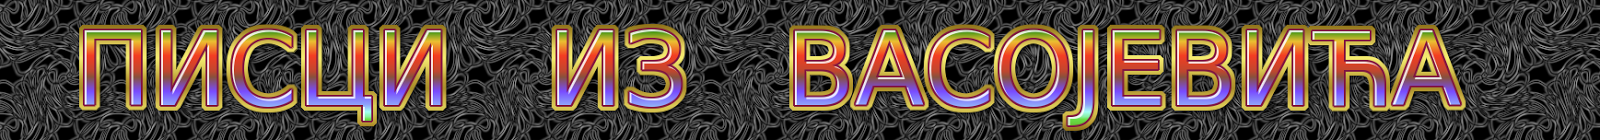 http://webbiblioteka.blogspot.com/2015/01/blog-post_18.html